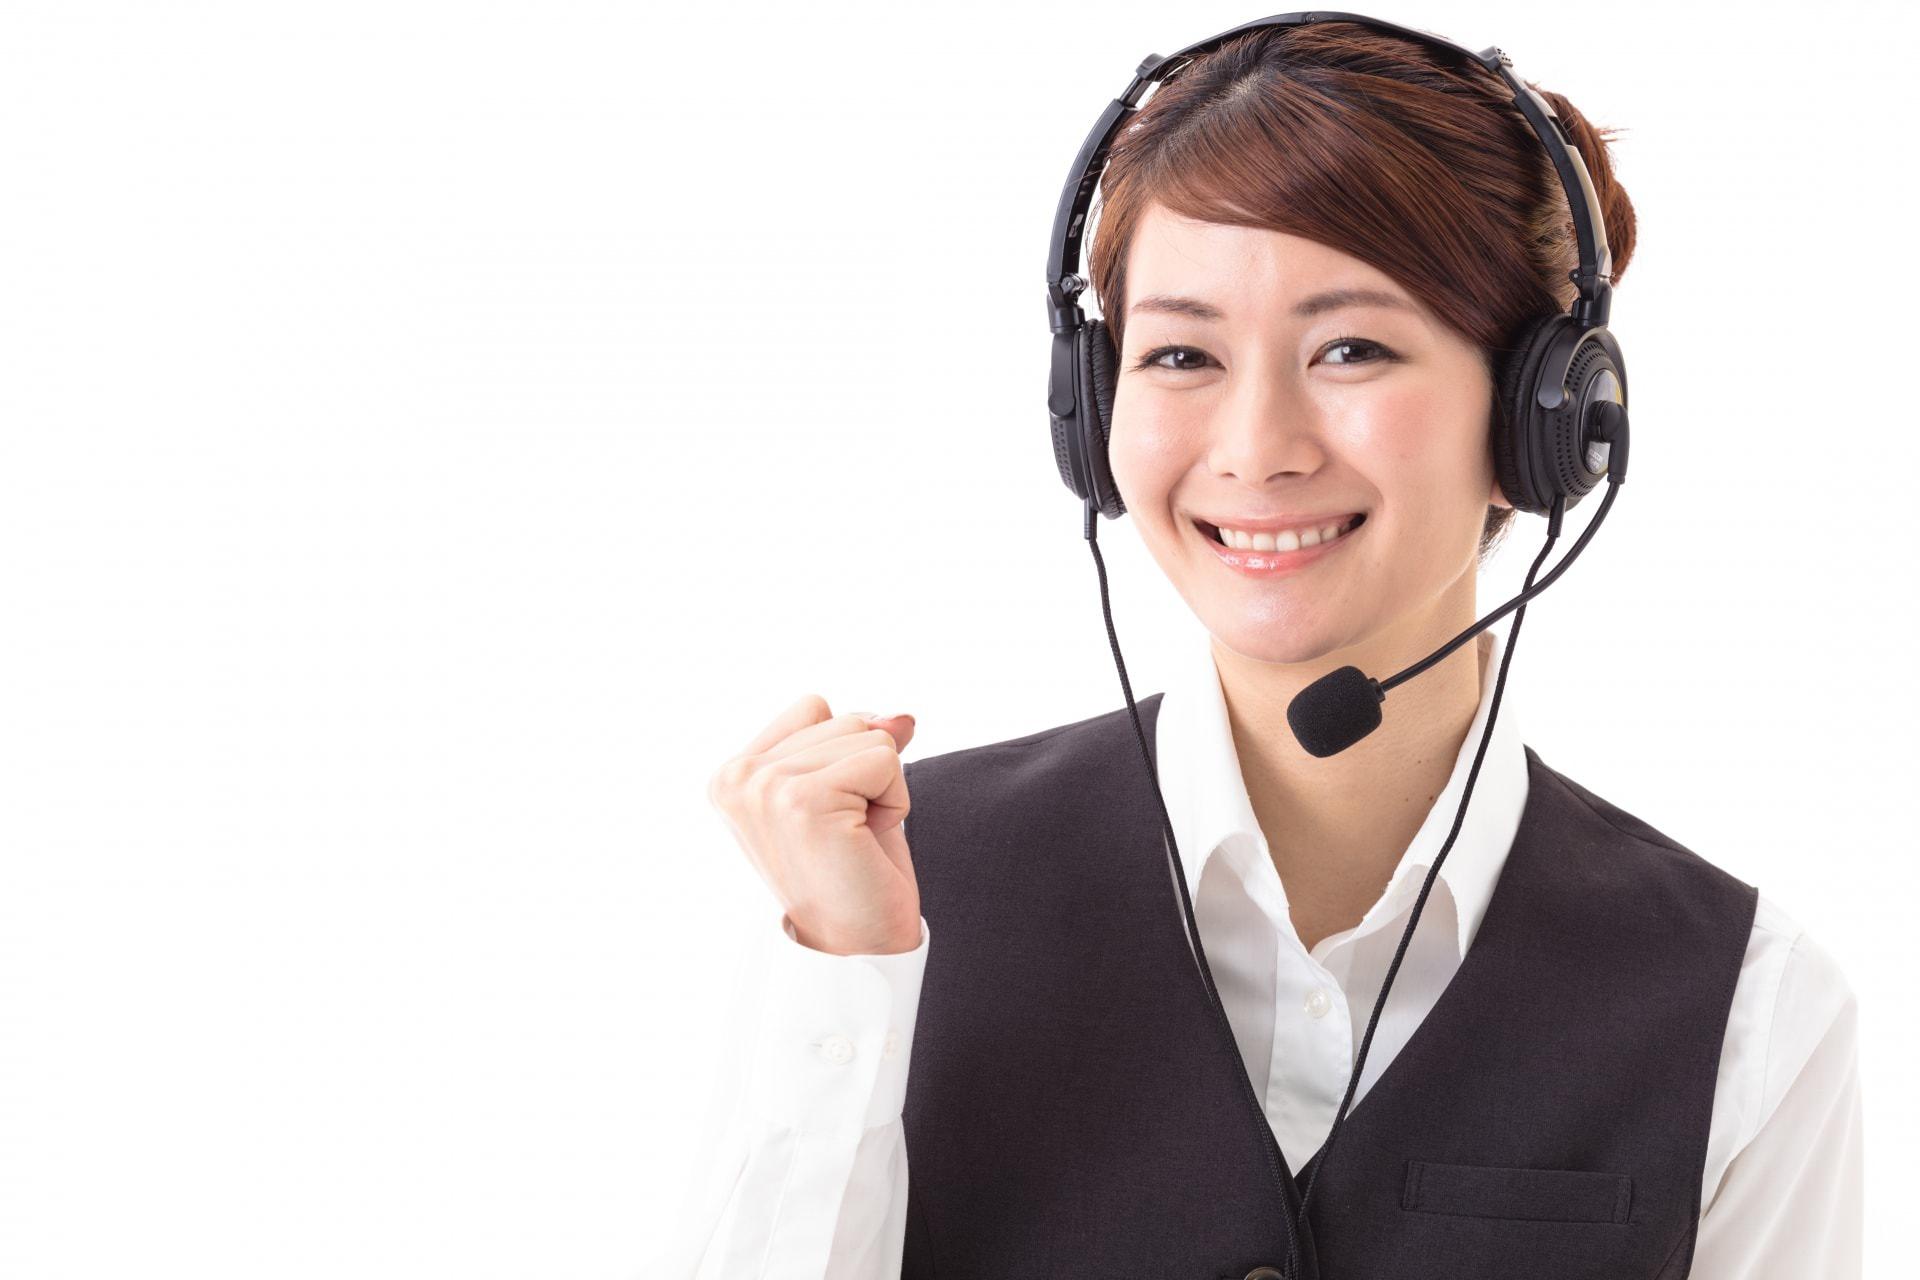 コミュニケーション能力を鍛えたい!コールセンターがオススメな理由